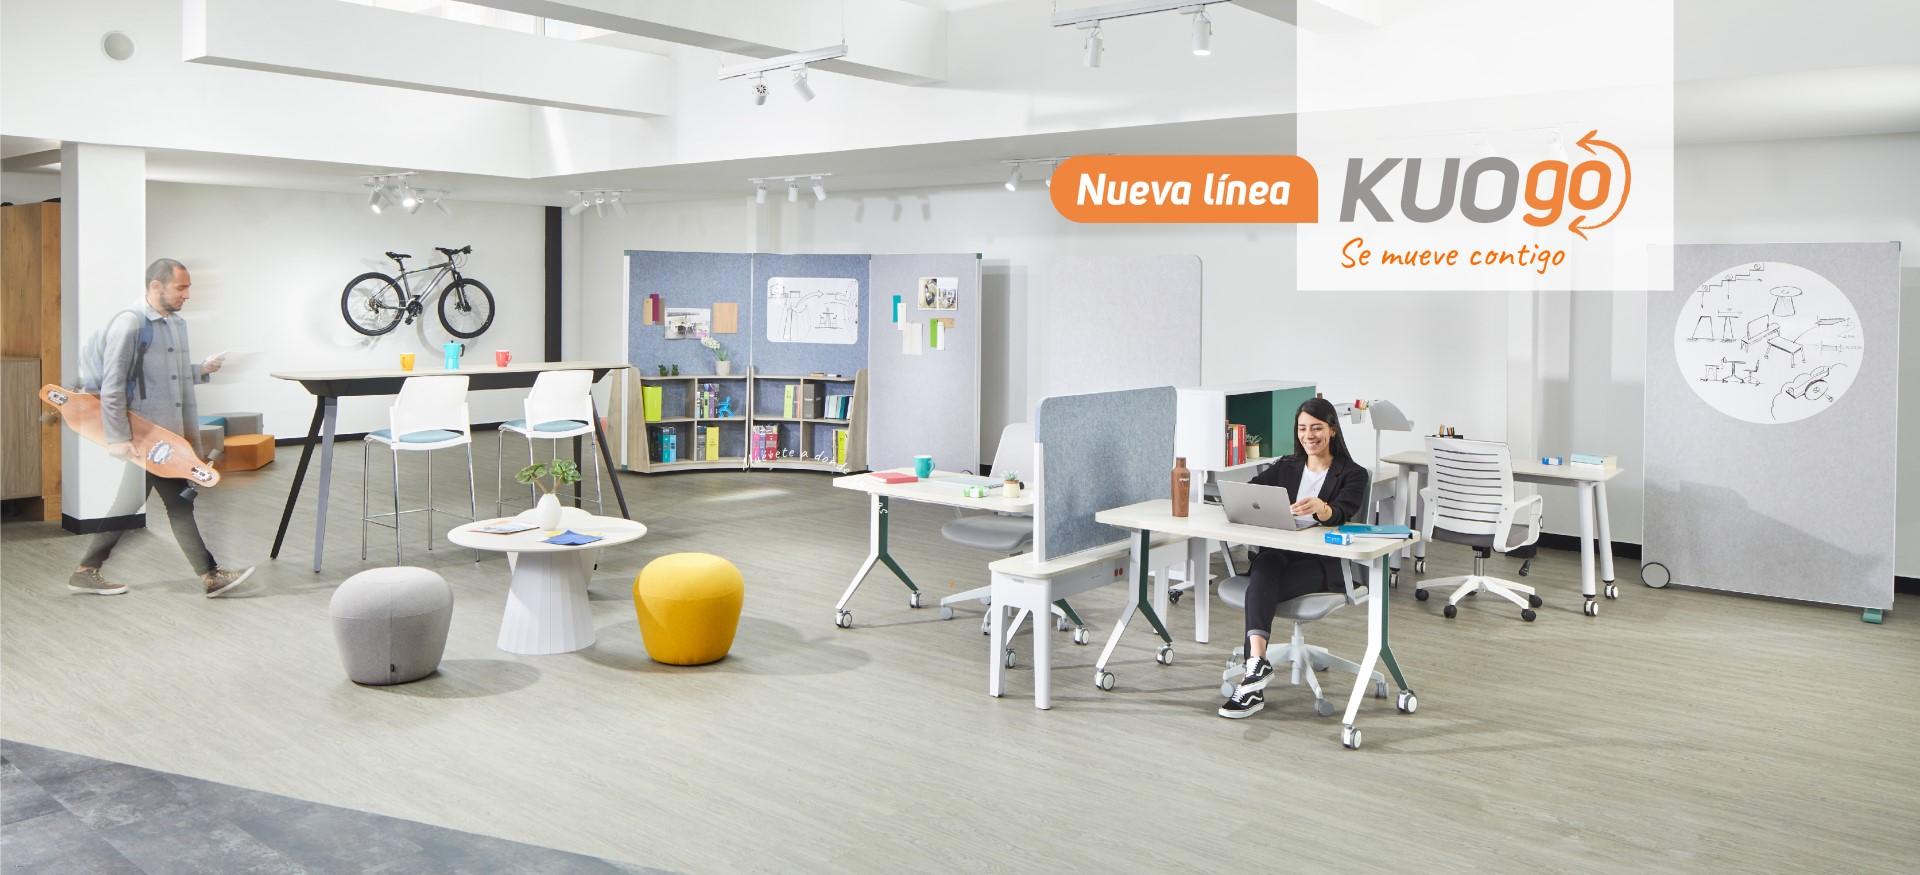 Sillas de Oficina con envío gratis en Quito y Guayaquil